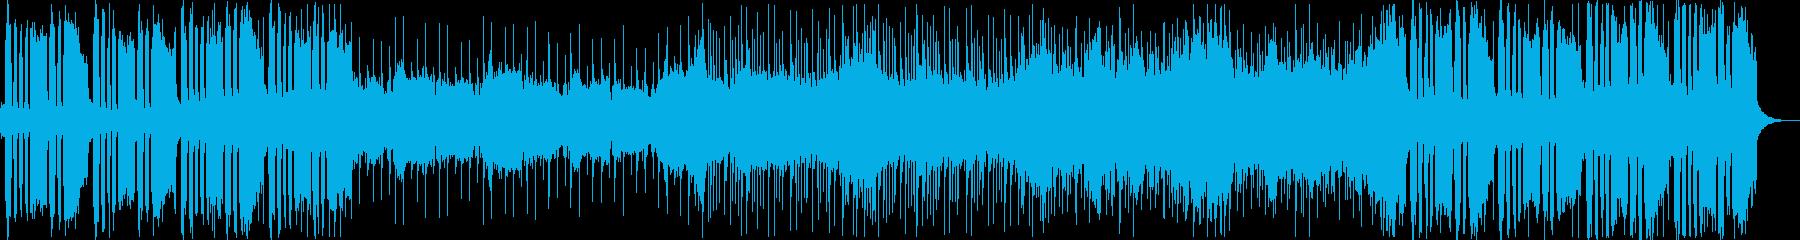 管楽器を中心とした爽やかなBGMの再生済みの波形